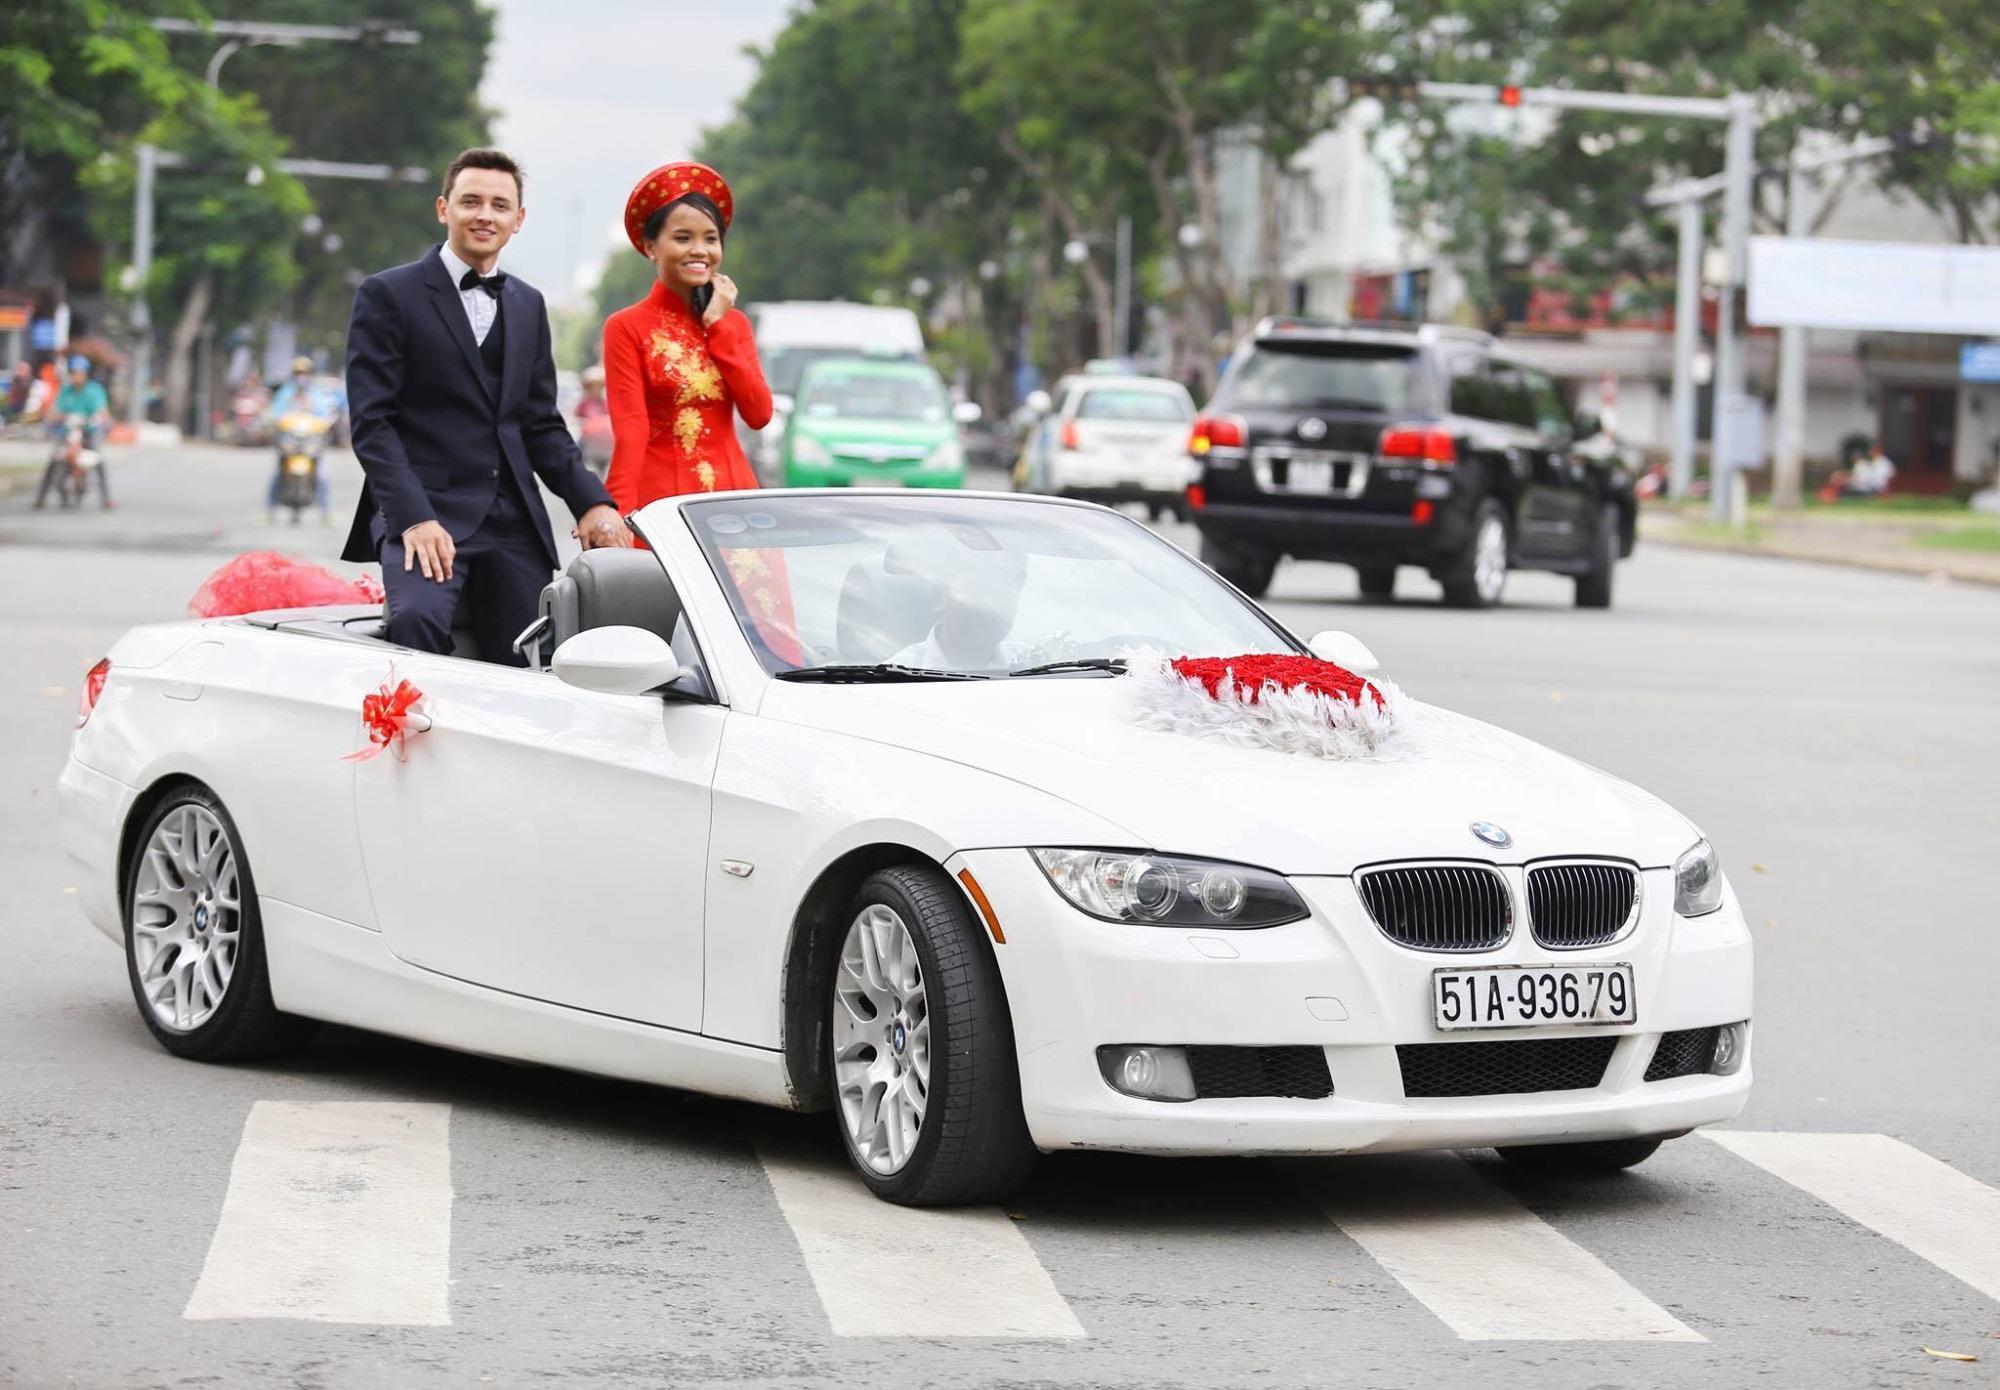 Cuộc sống làm dâu sướng như bà hoàng của cô gái Việt lấy chồng Pháp - Ảnh 2